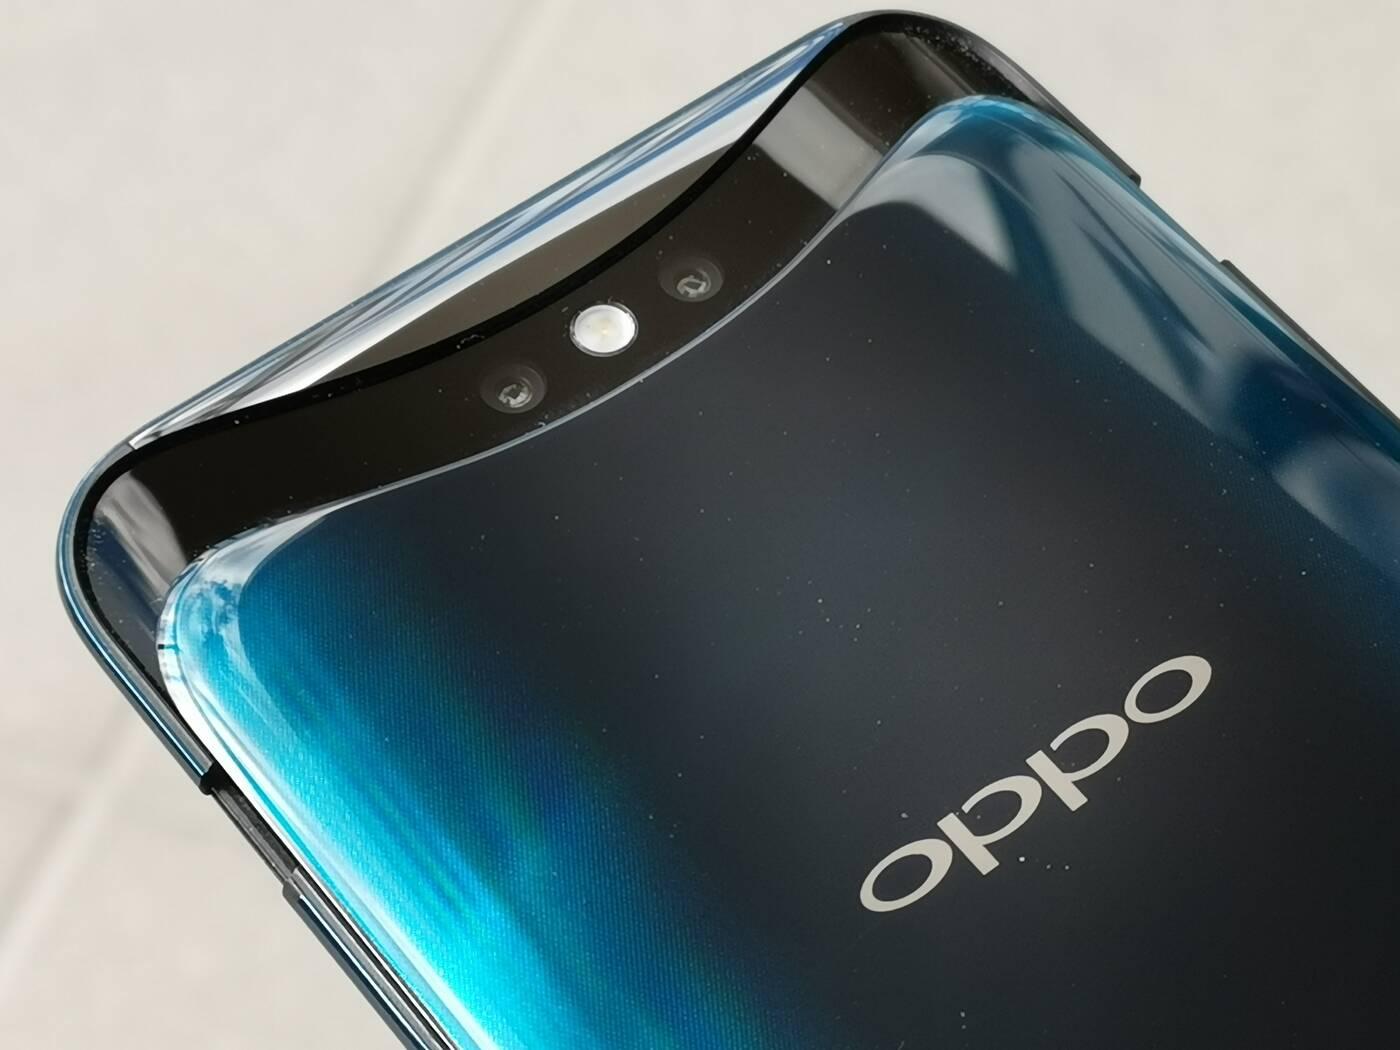 OPPO Find X, Find X, testy OPPO Find X, recenzje OPPO Find X, recenzja OPPO Find X, opinia OPPO Find X, oppo, opinie OPPO Find X, oceny OPPO Find X, specyfikacja OPPO Find X, ekran OPPO Find X, wrażenia OPPO Find X, użytkowanie OPPO Find X, wygląd OPPO Find X, aparat OPPO Find X, pamięć OPPO Find X, kamera OPPO Find X,